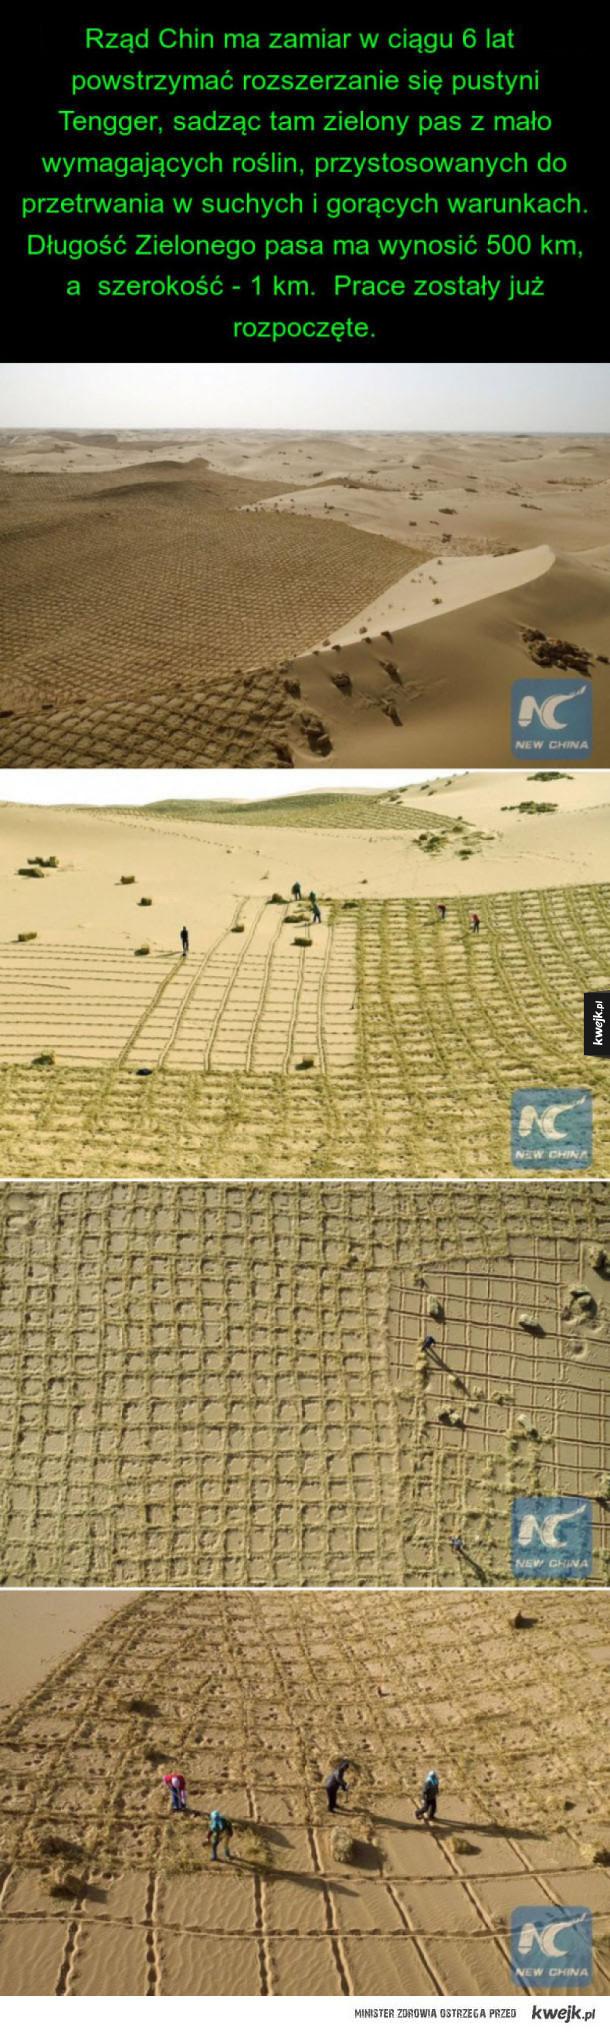 « zielony pas » ma zatrzymać rozszerzanie się chińskiej pustyni Tengger.